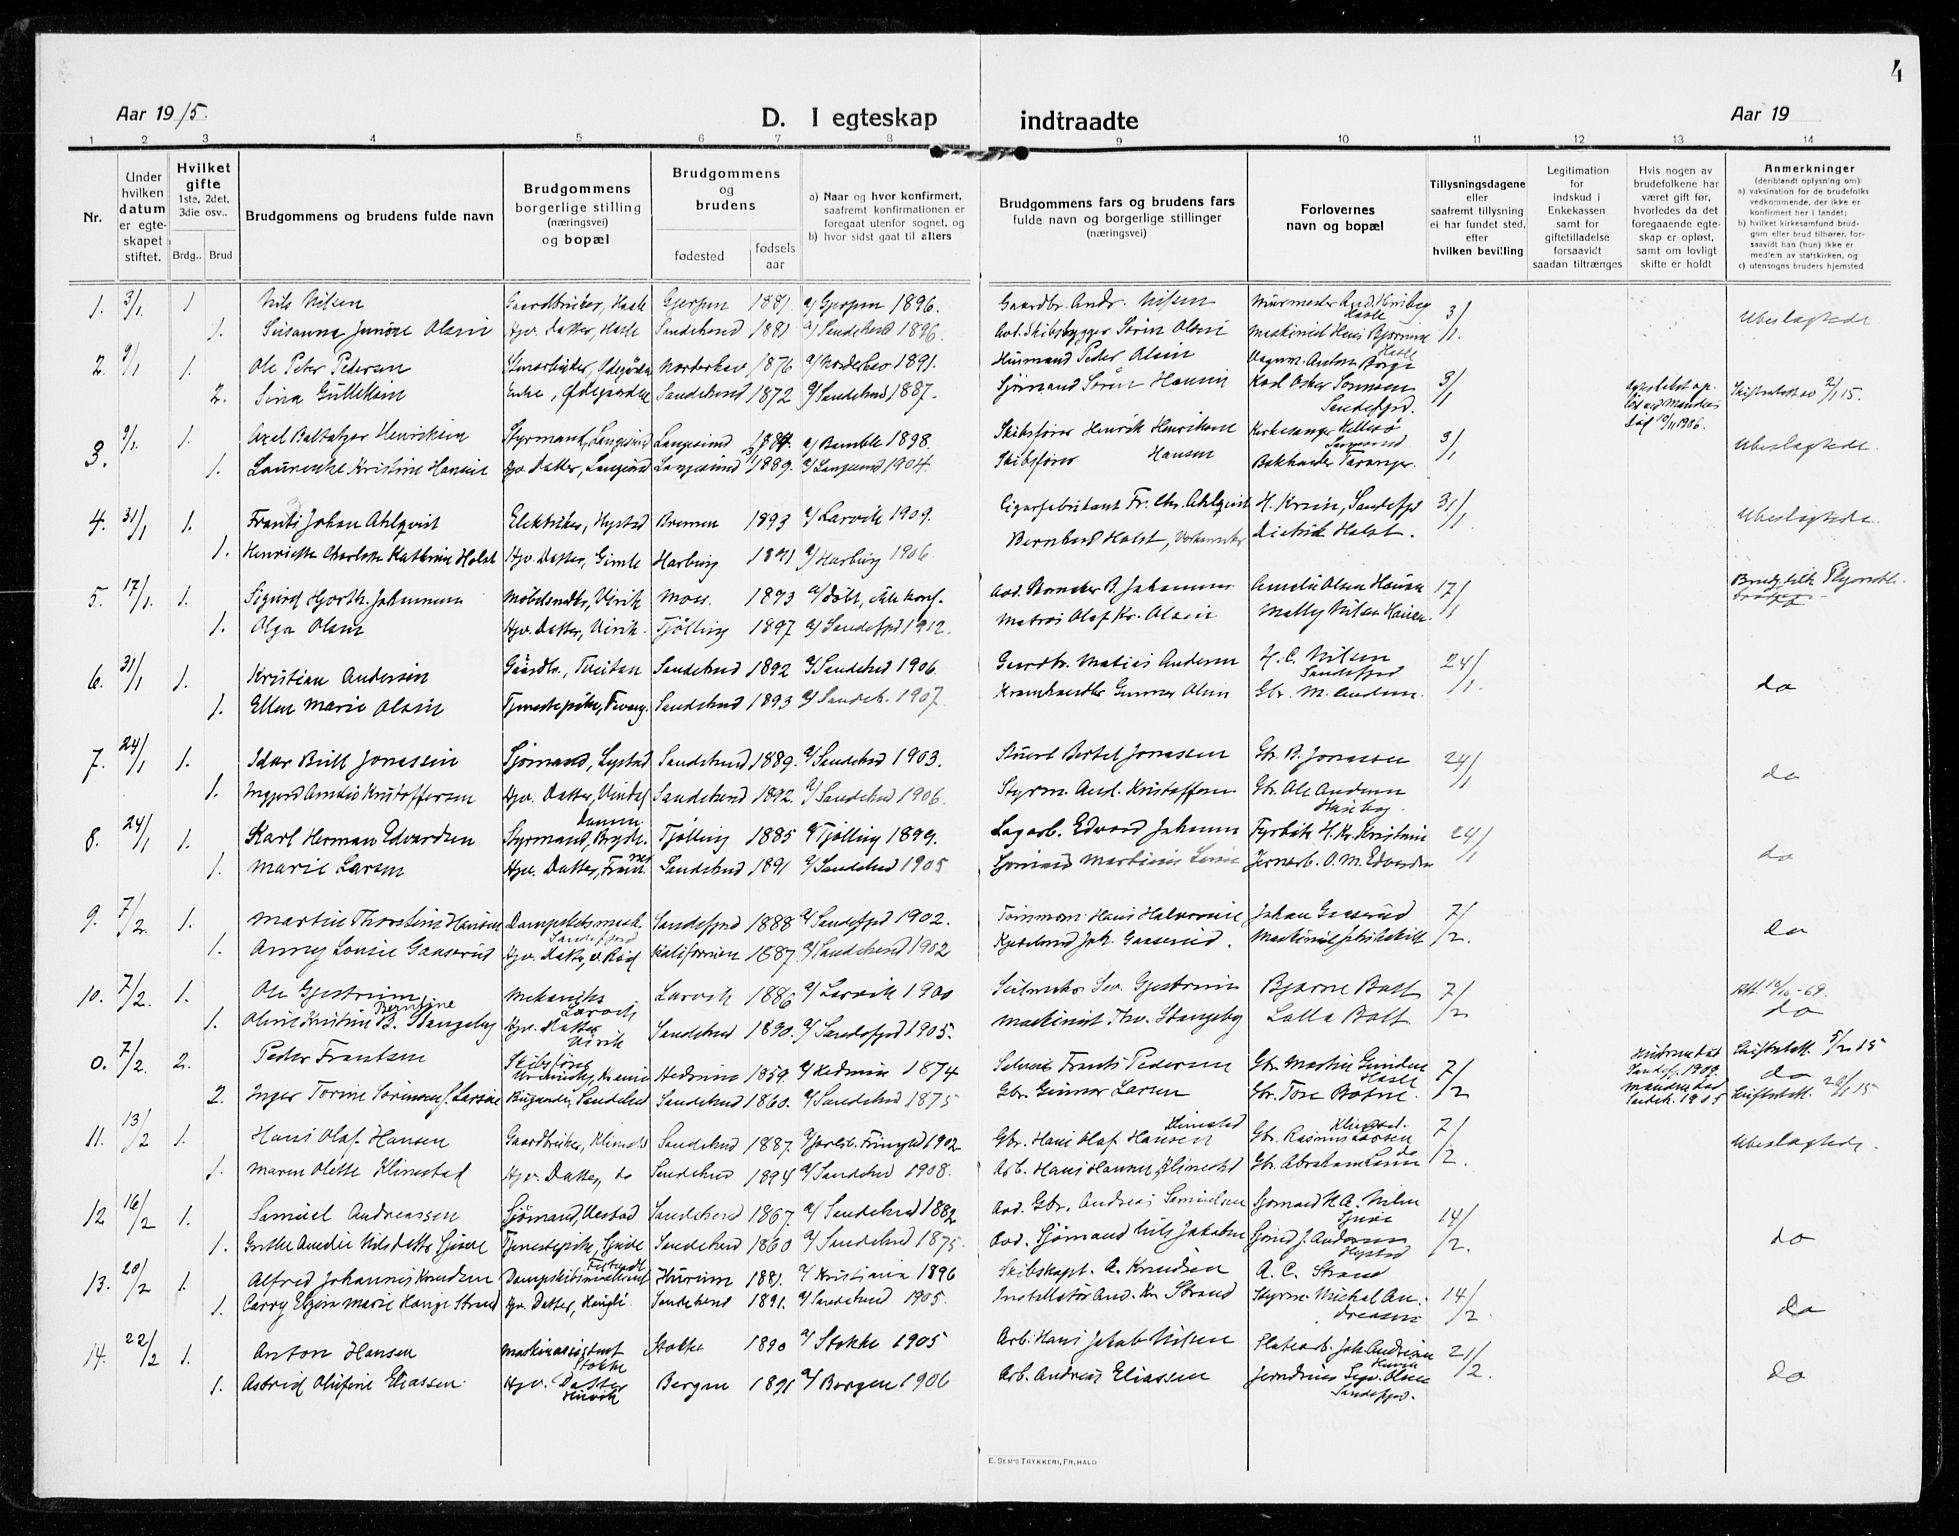 SAKO, Sandar kirkebøker, F/Fa/L0020: Ministerialbok nr. 20, 1915-1919, s. 4